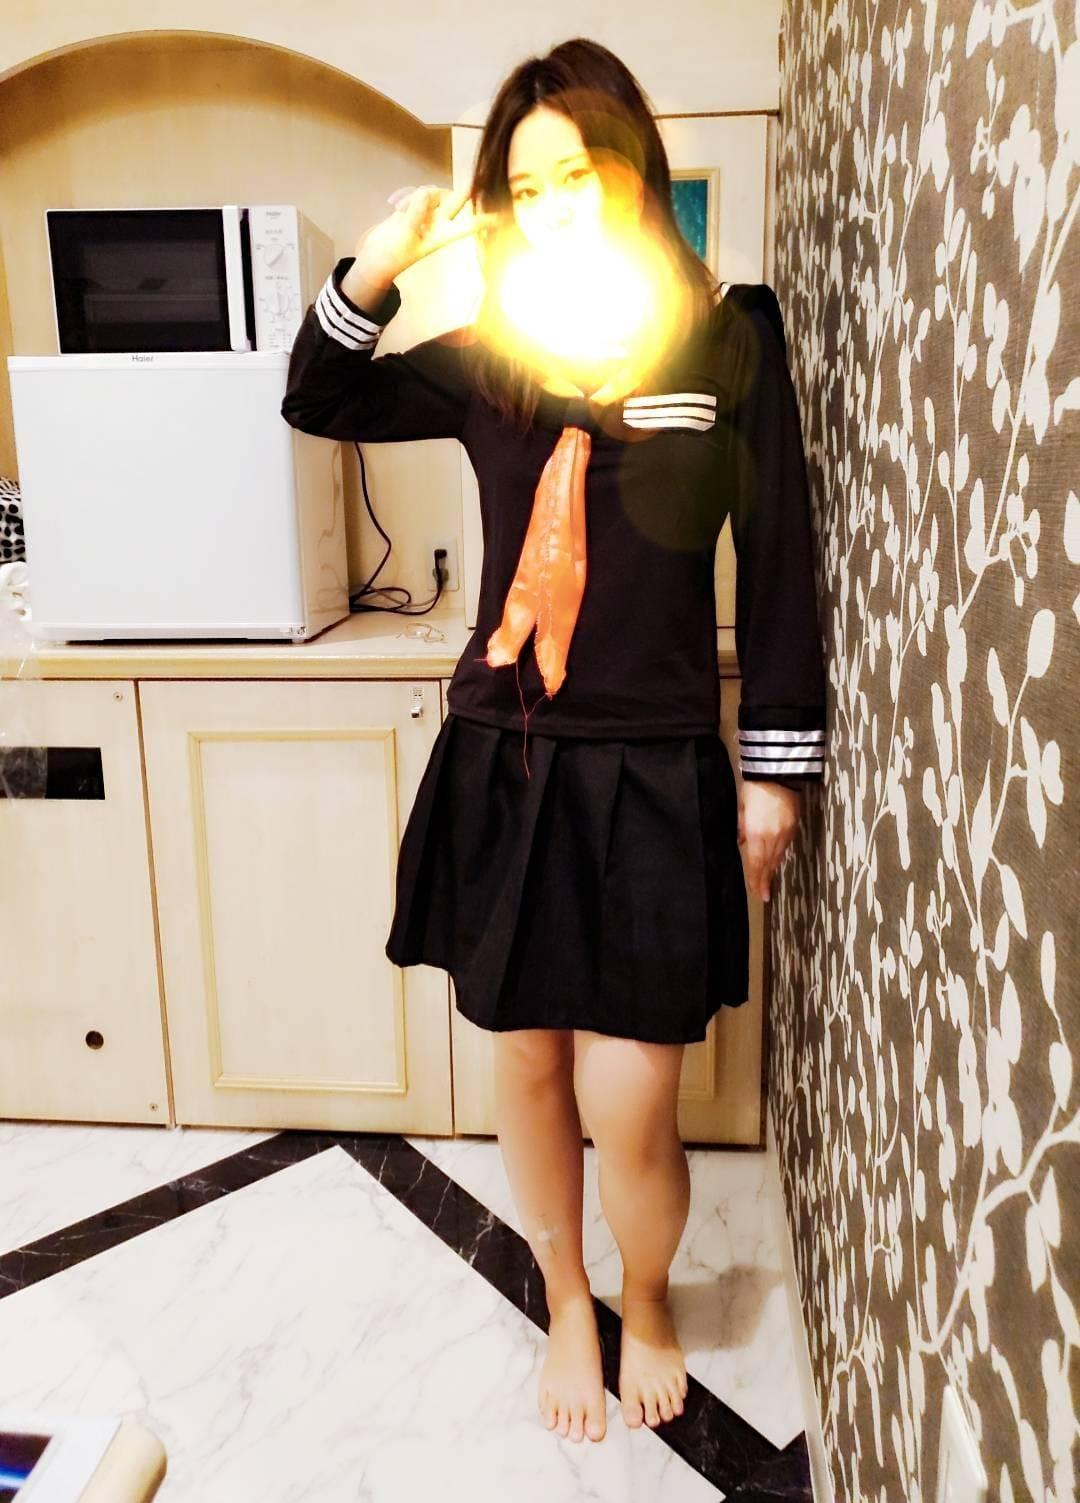 「痴漢電車最終電車?です」11/13(11/13) 11:27 | りく【超ドM!顔射にイラマ★】の写メ・風俗動画